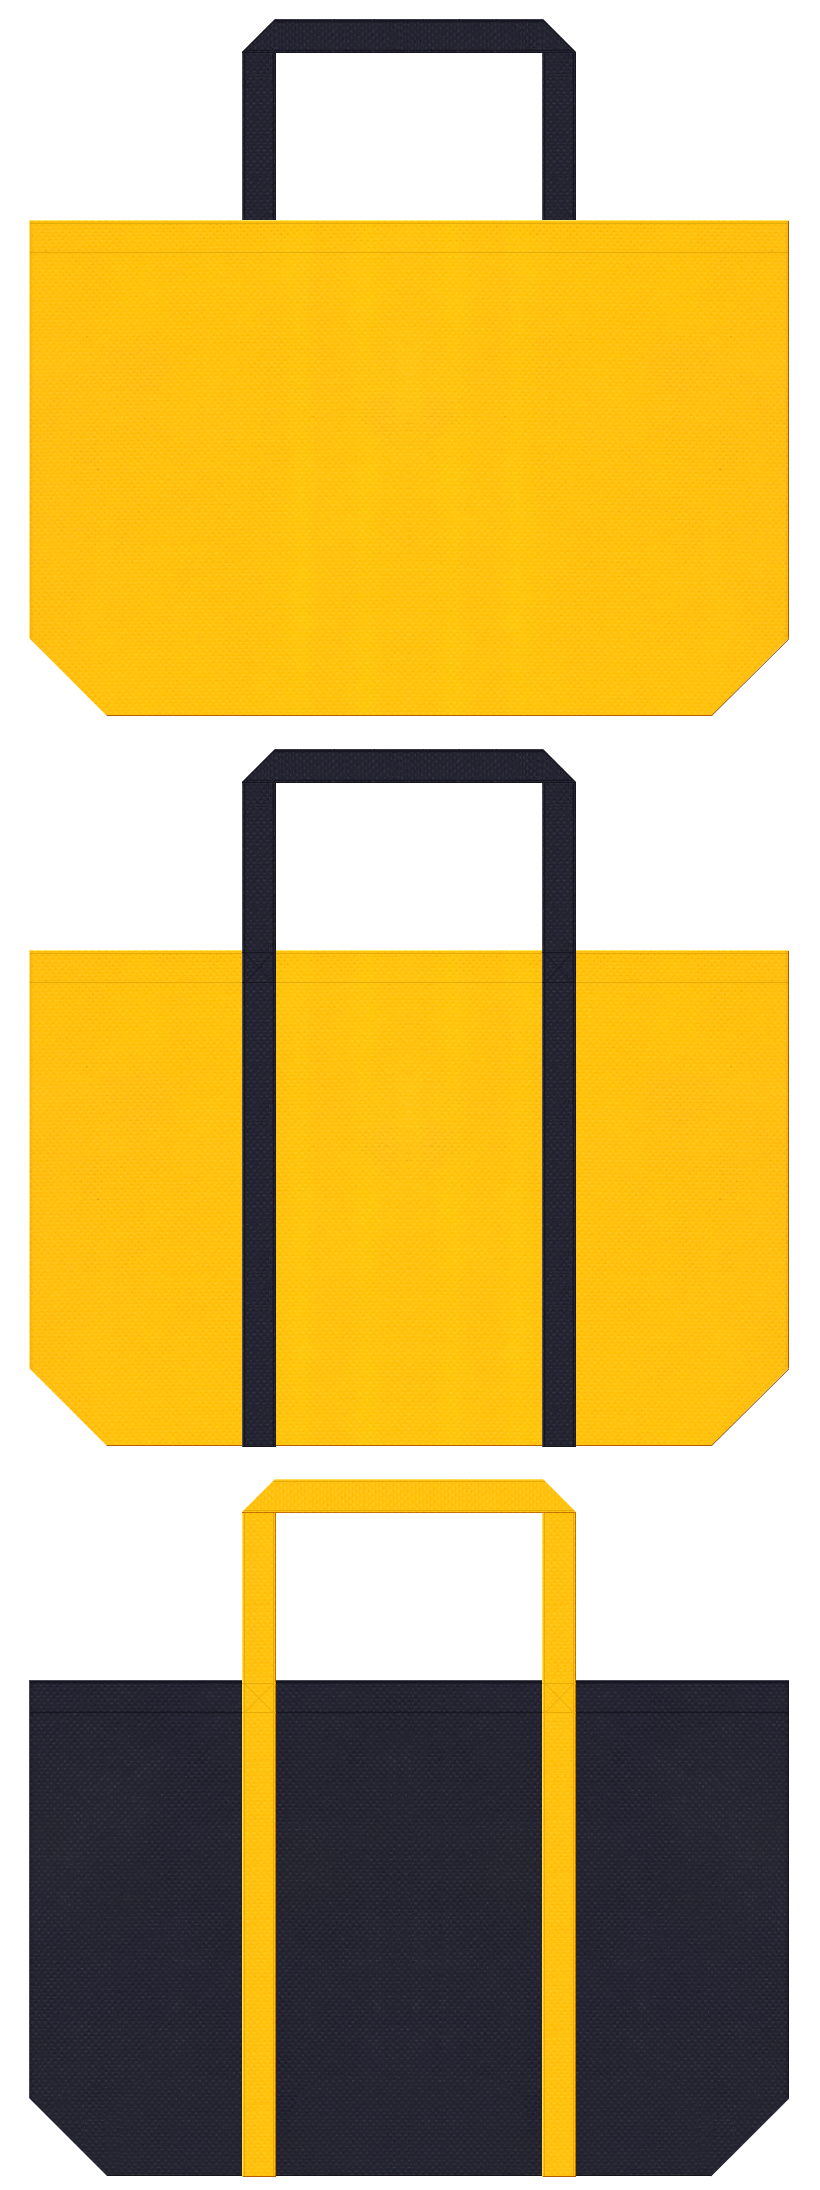 黄色と濃紺色の不織布バッグデザイン。キャンプ・アウトドア用品のショッピングバッグにお奨めです。